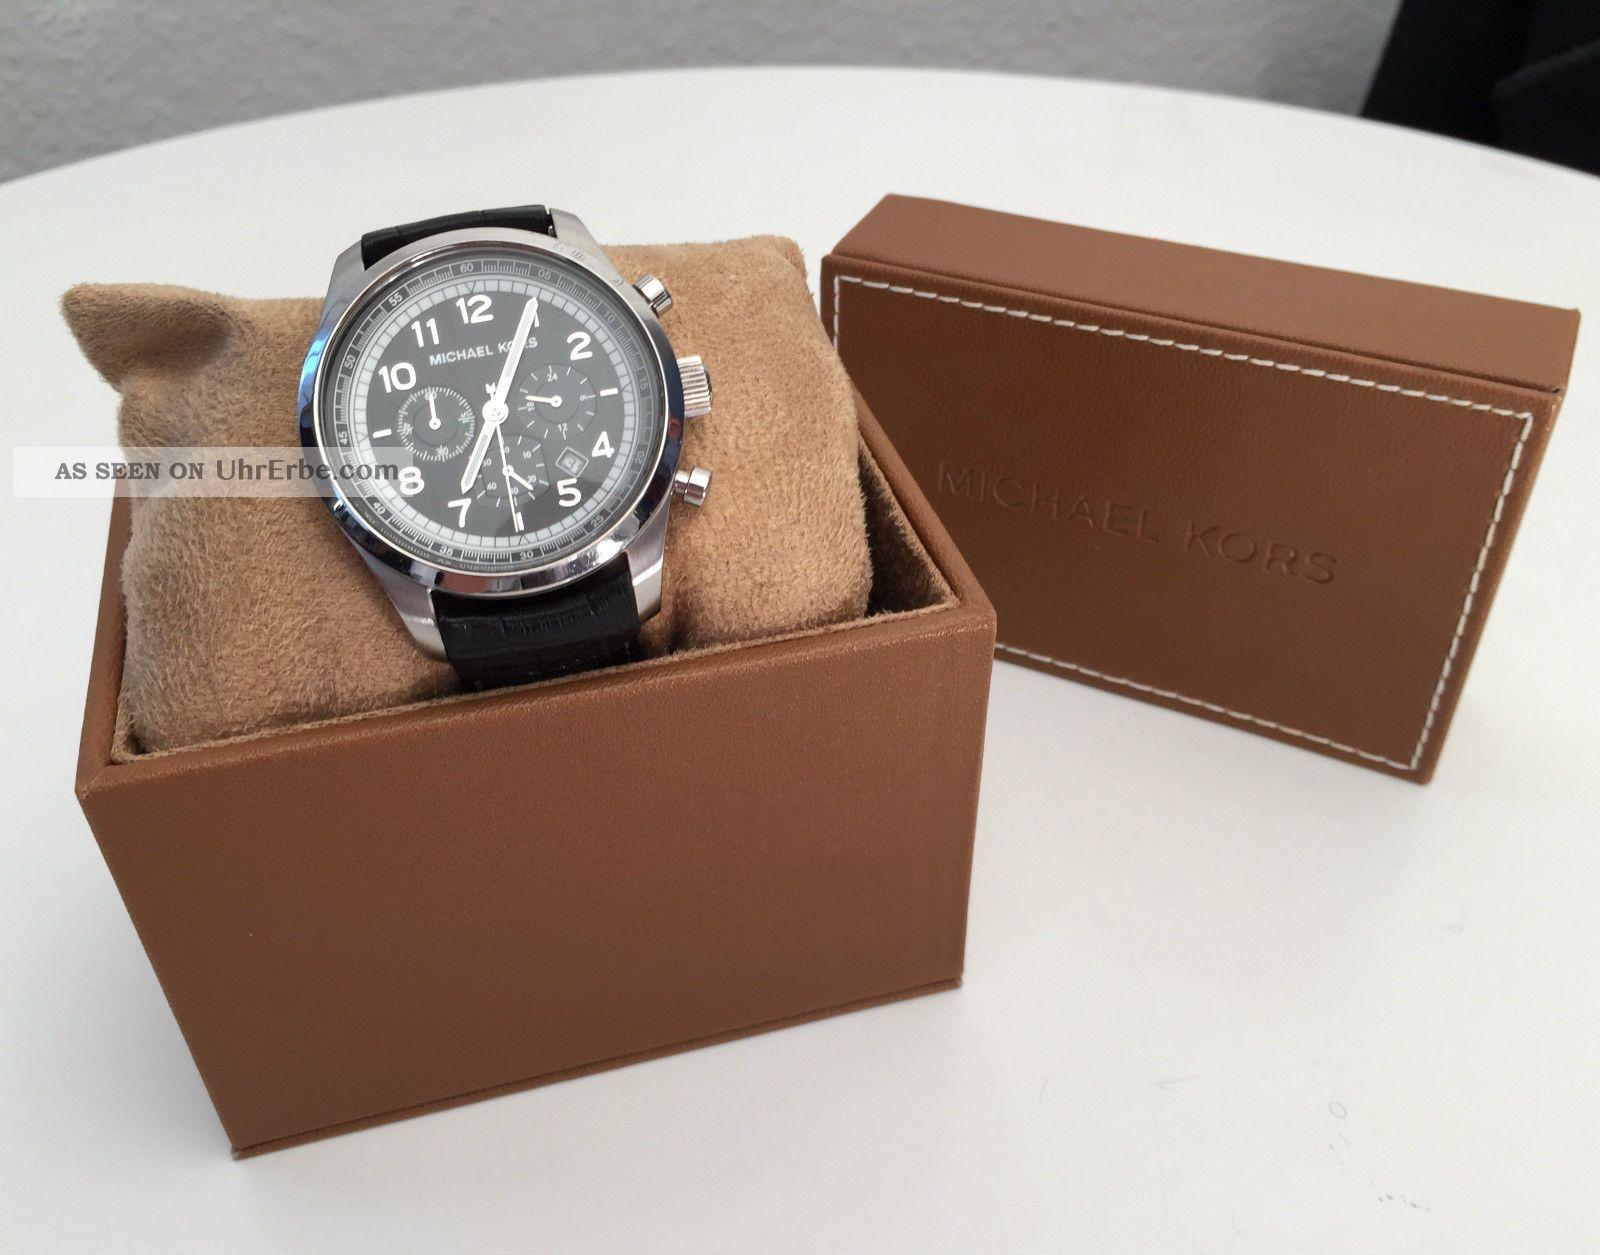 Michael Kors Mk8014 Herrenuhr Armbanduhren Bild